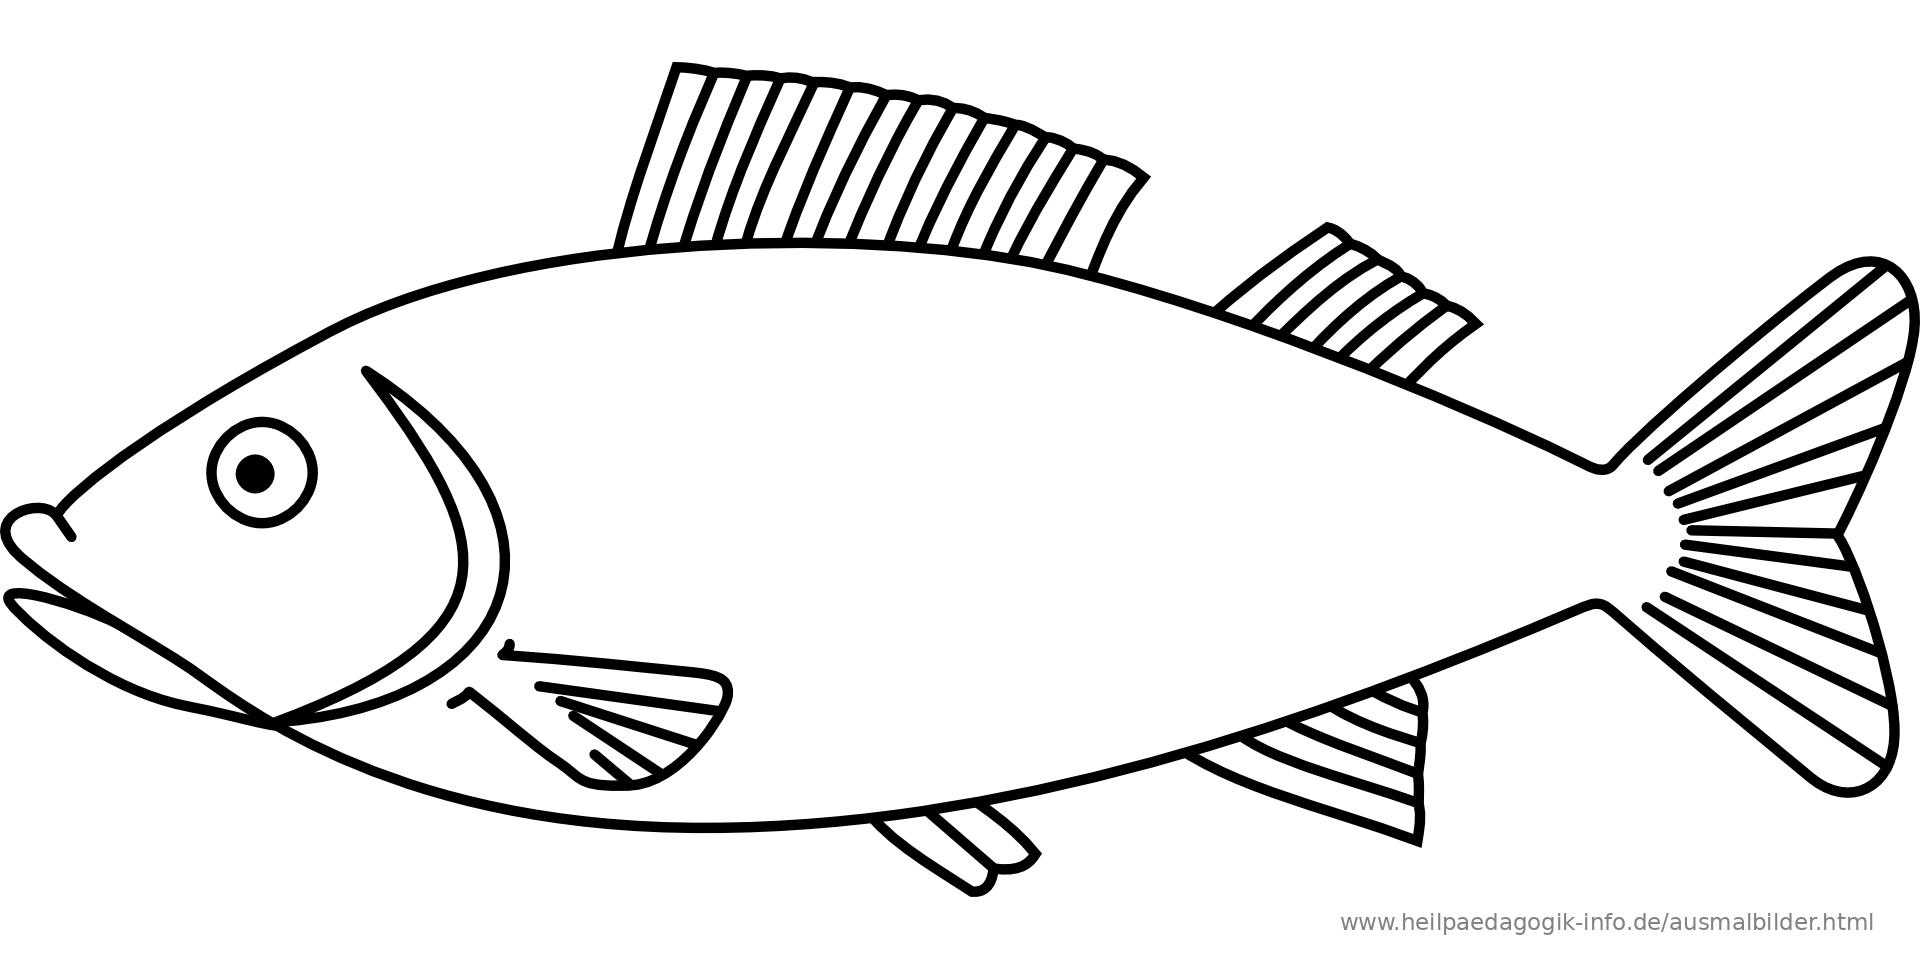 malvorlagen fische kostenlos  malvorlagen